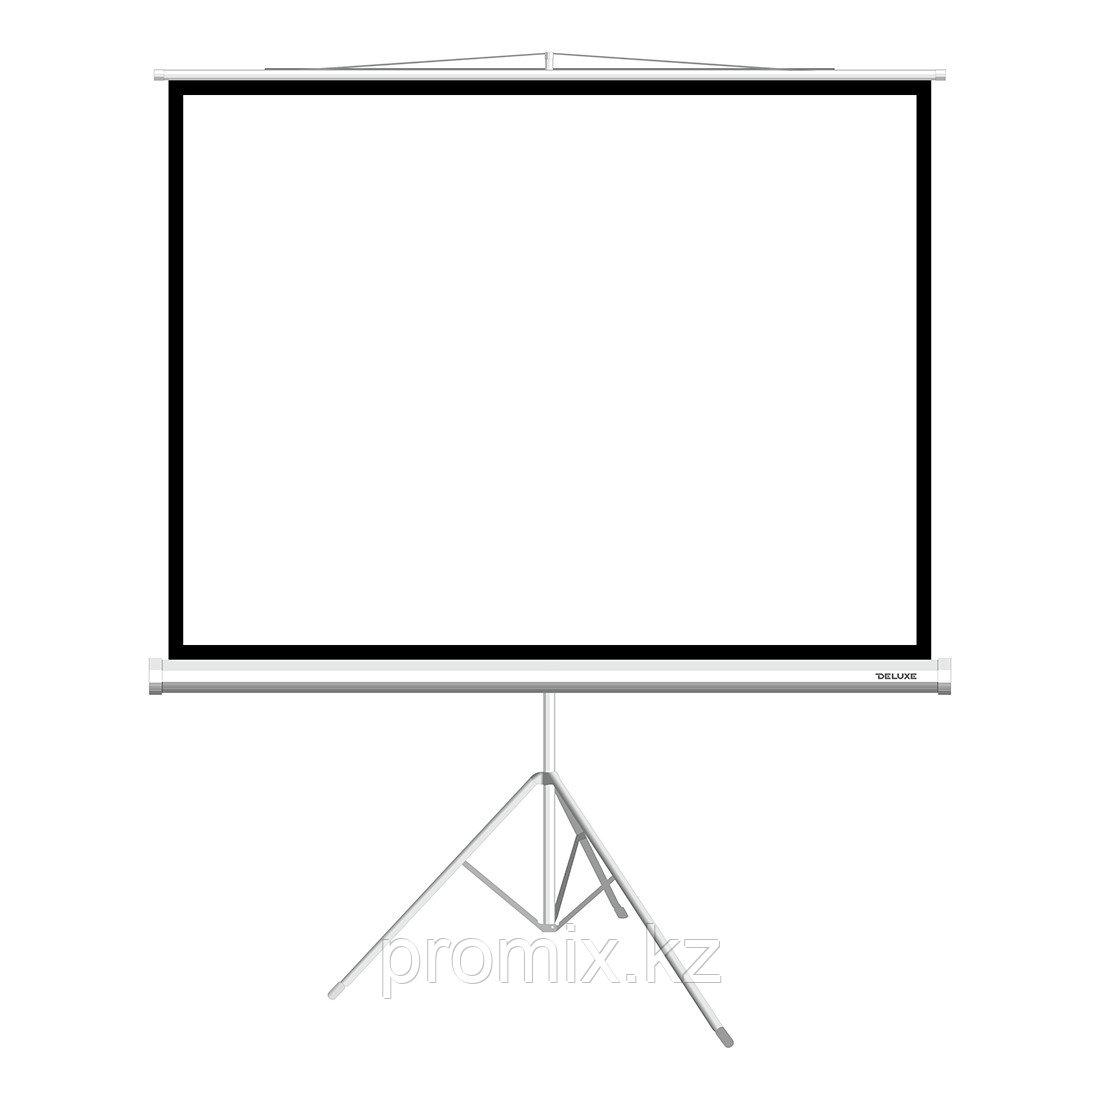 Экран на треноге Deluxe DLS-T153x116W (60х45), Ø - 75, Раб. поверхность 149х112 см., 43